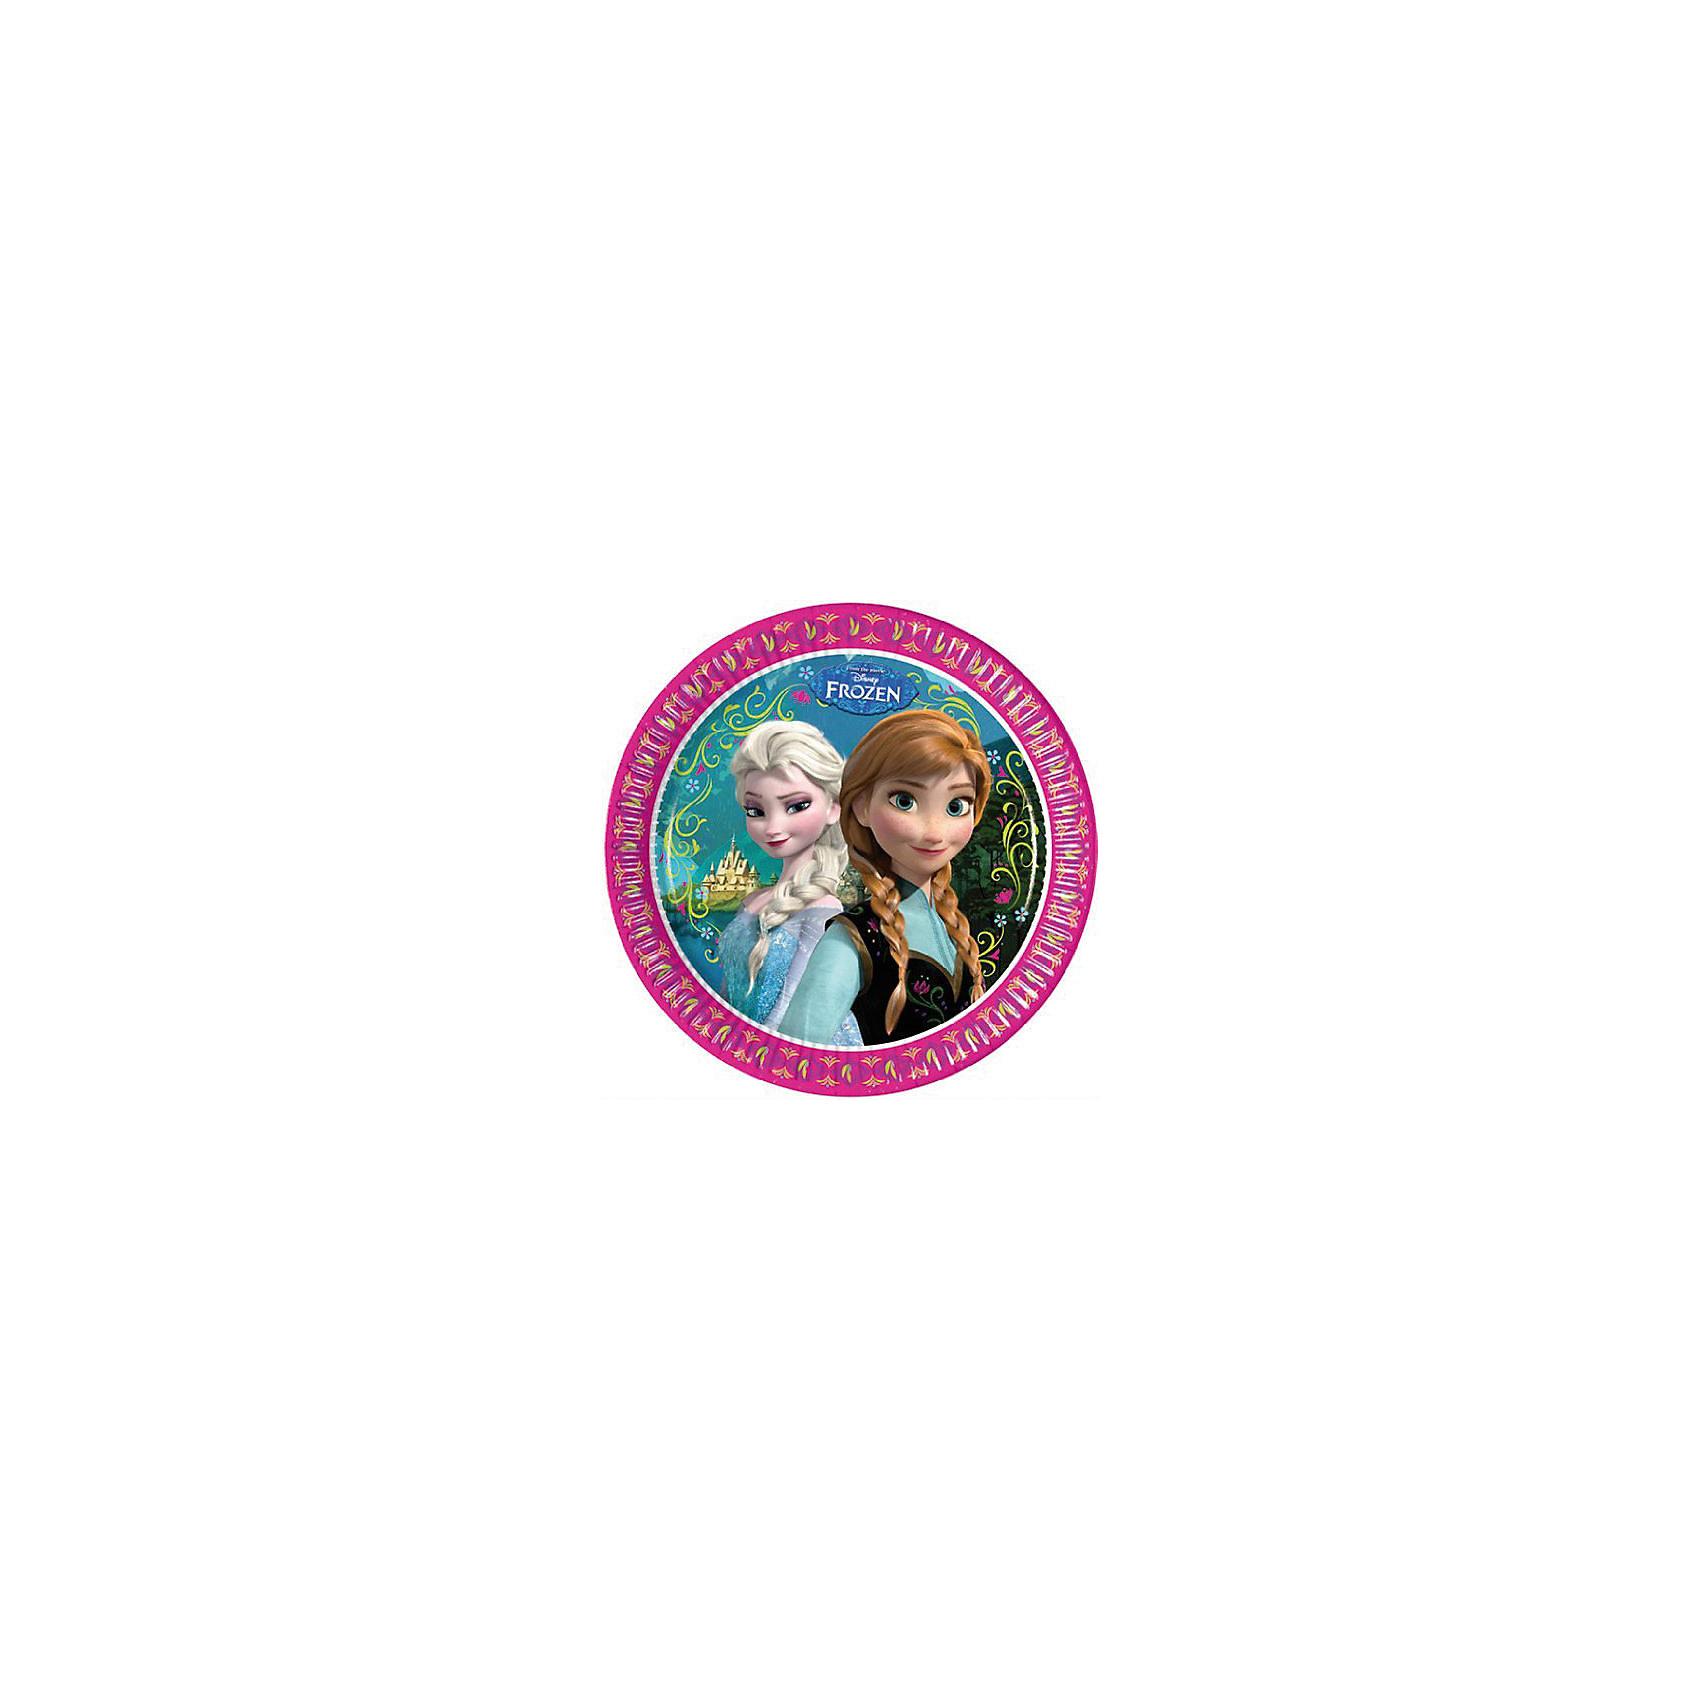 Тарелки Холодное сердце(23 см), 8 штНабор тарелок Холодное сердце,  замечательно подойдет для детского праздника или пикника и сделает его ярче и веселее. Комплект включает в себя 8 красочных тарелок, которые выполнены по мотивам популярного диснеевского мультфильма Холодное сердце и украшены изображениями его героинь - сестер Анны и Эльзы. Тарелки отлично удерживают еду, не промокают, не протекают и надолго сохраняют опрятный внешний вид. Изготовлены из высококачественных и нетоксичных материалов, которые совершенно безопасны для детского здоровья.<br><br>Дополнительная информация:<br><br>- В комплекте: 8 тарелок.<br>- Материал: специально обработанный картон.<br>- Диаметр тарелок: 23 см.<br>- Размер упаковки: 24 х 24 х 1,5 см.<br>- Вес: 120 гр.<br><br>Набор бумажных тарелок Холодное сердце,  8 шт., можно купить в нашем интернет-магазине.<br><br>Ширина мм: 18<br>Глубина мм: 225<br>Высота мм: 225<br>Вес г: 89<br>Возраст от месяцев: -2147483648<br>Возраст до месяцев: 2147483647<br>Пол: Женский<br>Возраст: Детский<br>SKU: 3823866